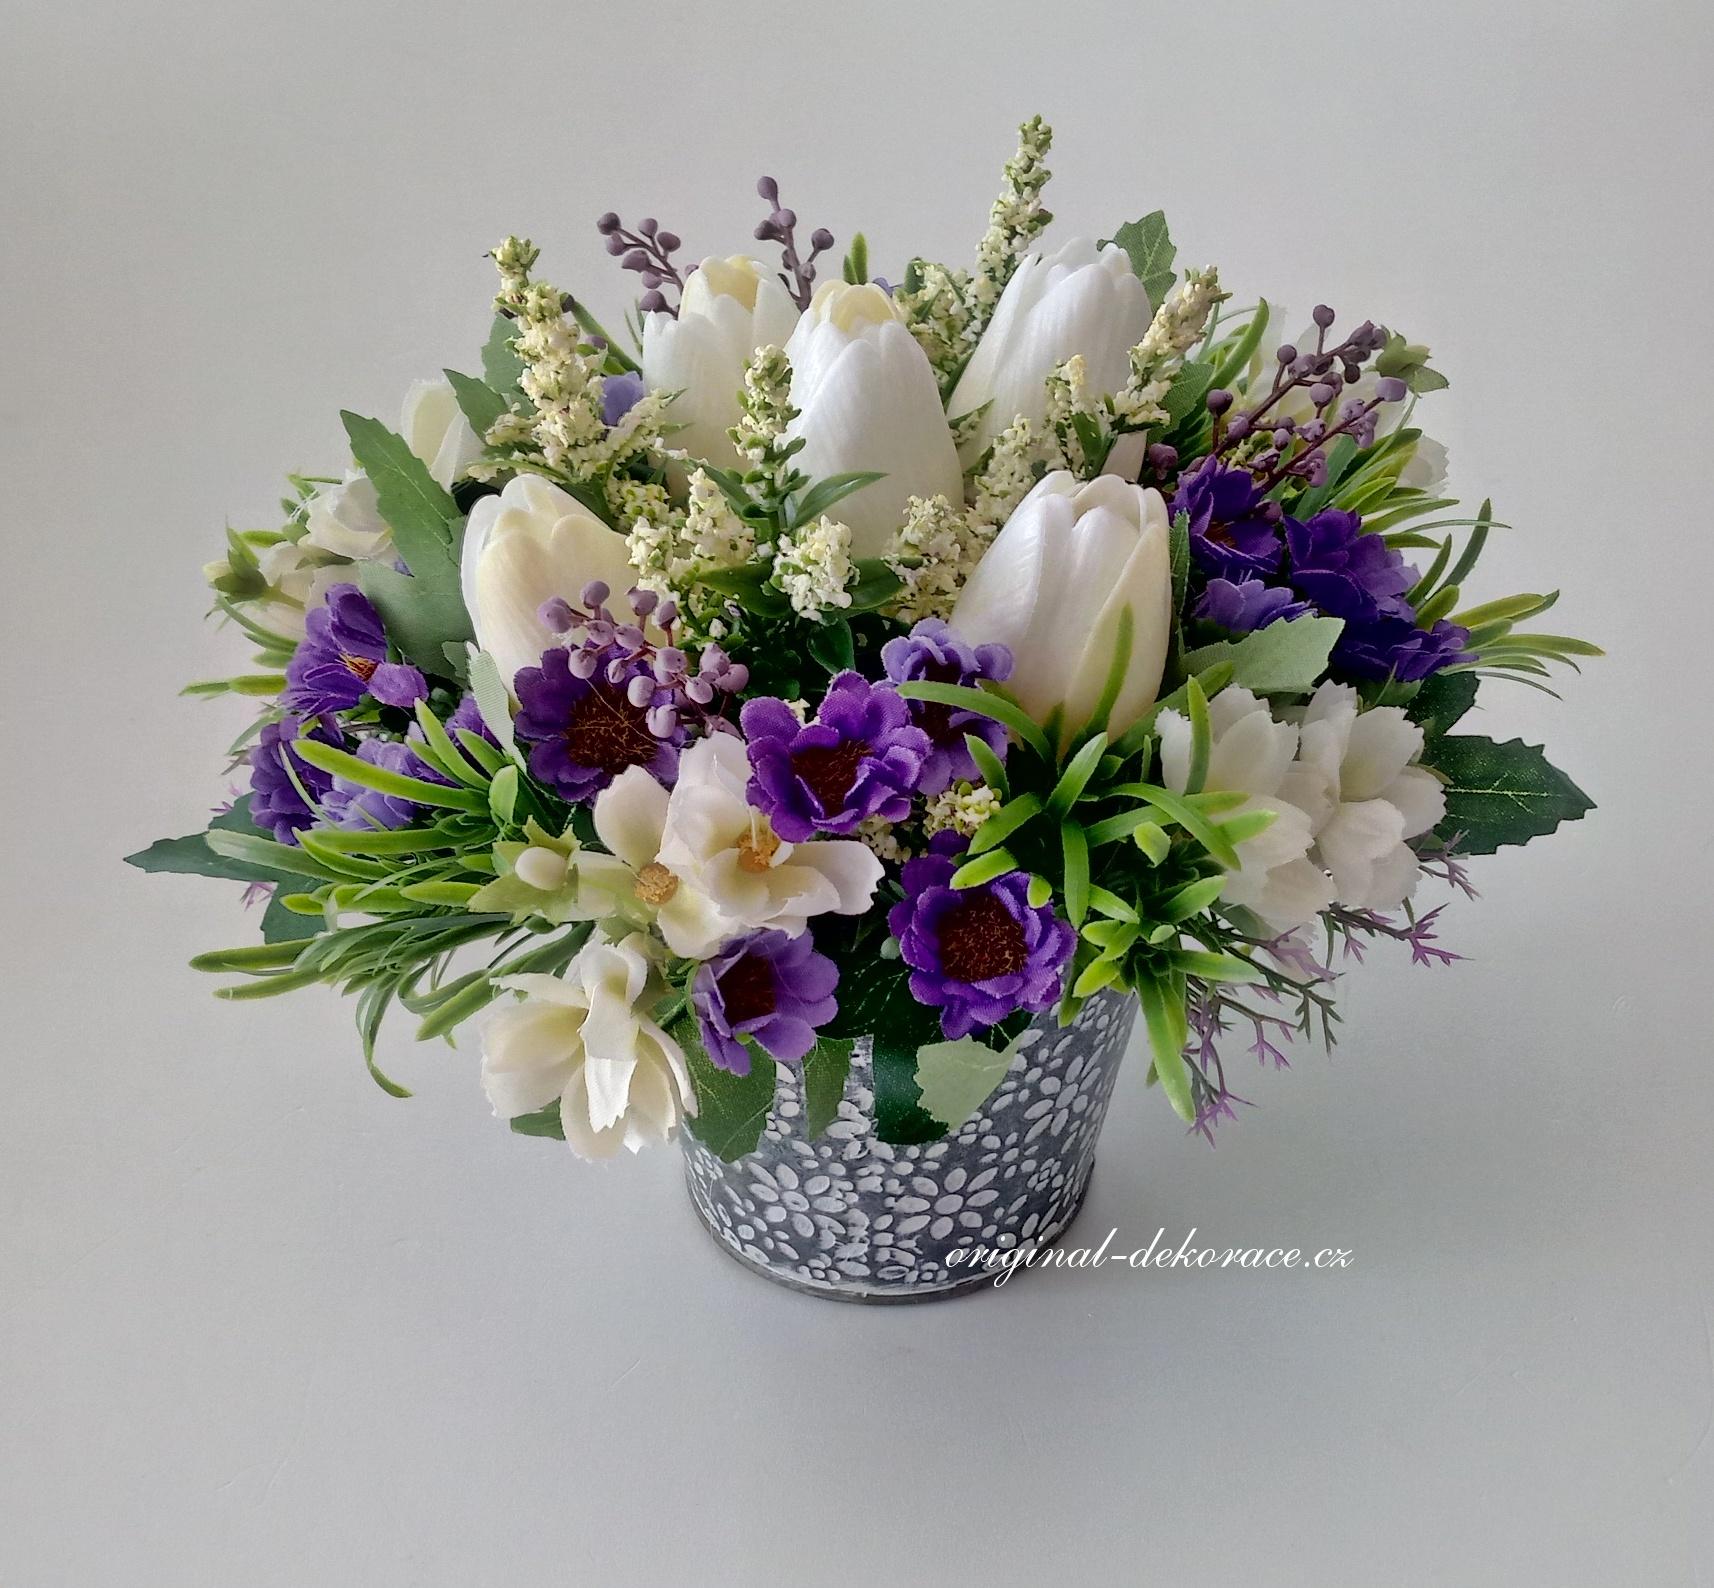 Dekorace z umělých květin v plechovém obalu - bílé tulipány ... 9a860b22a0